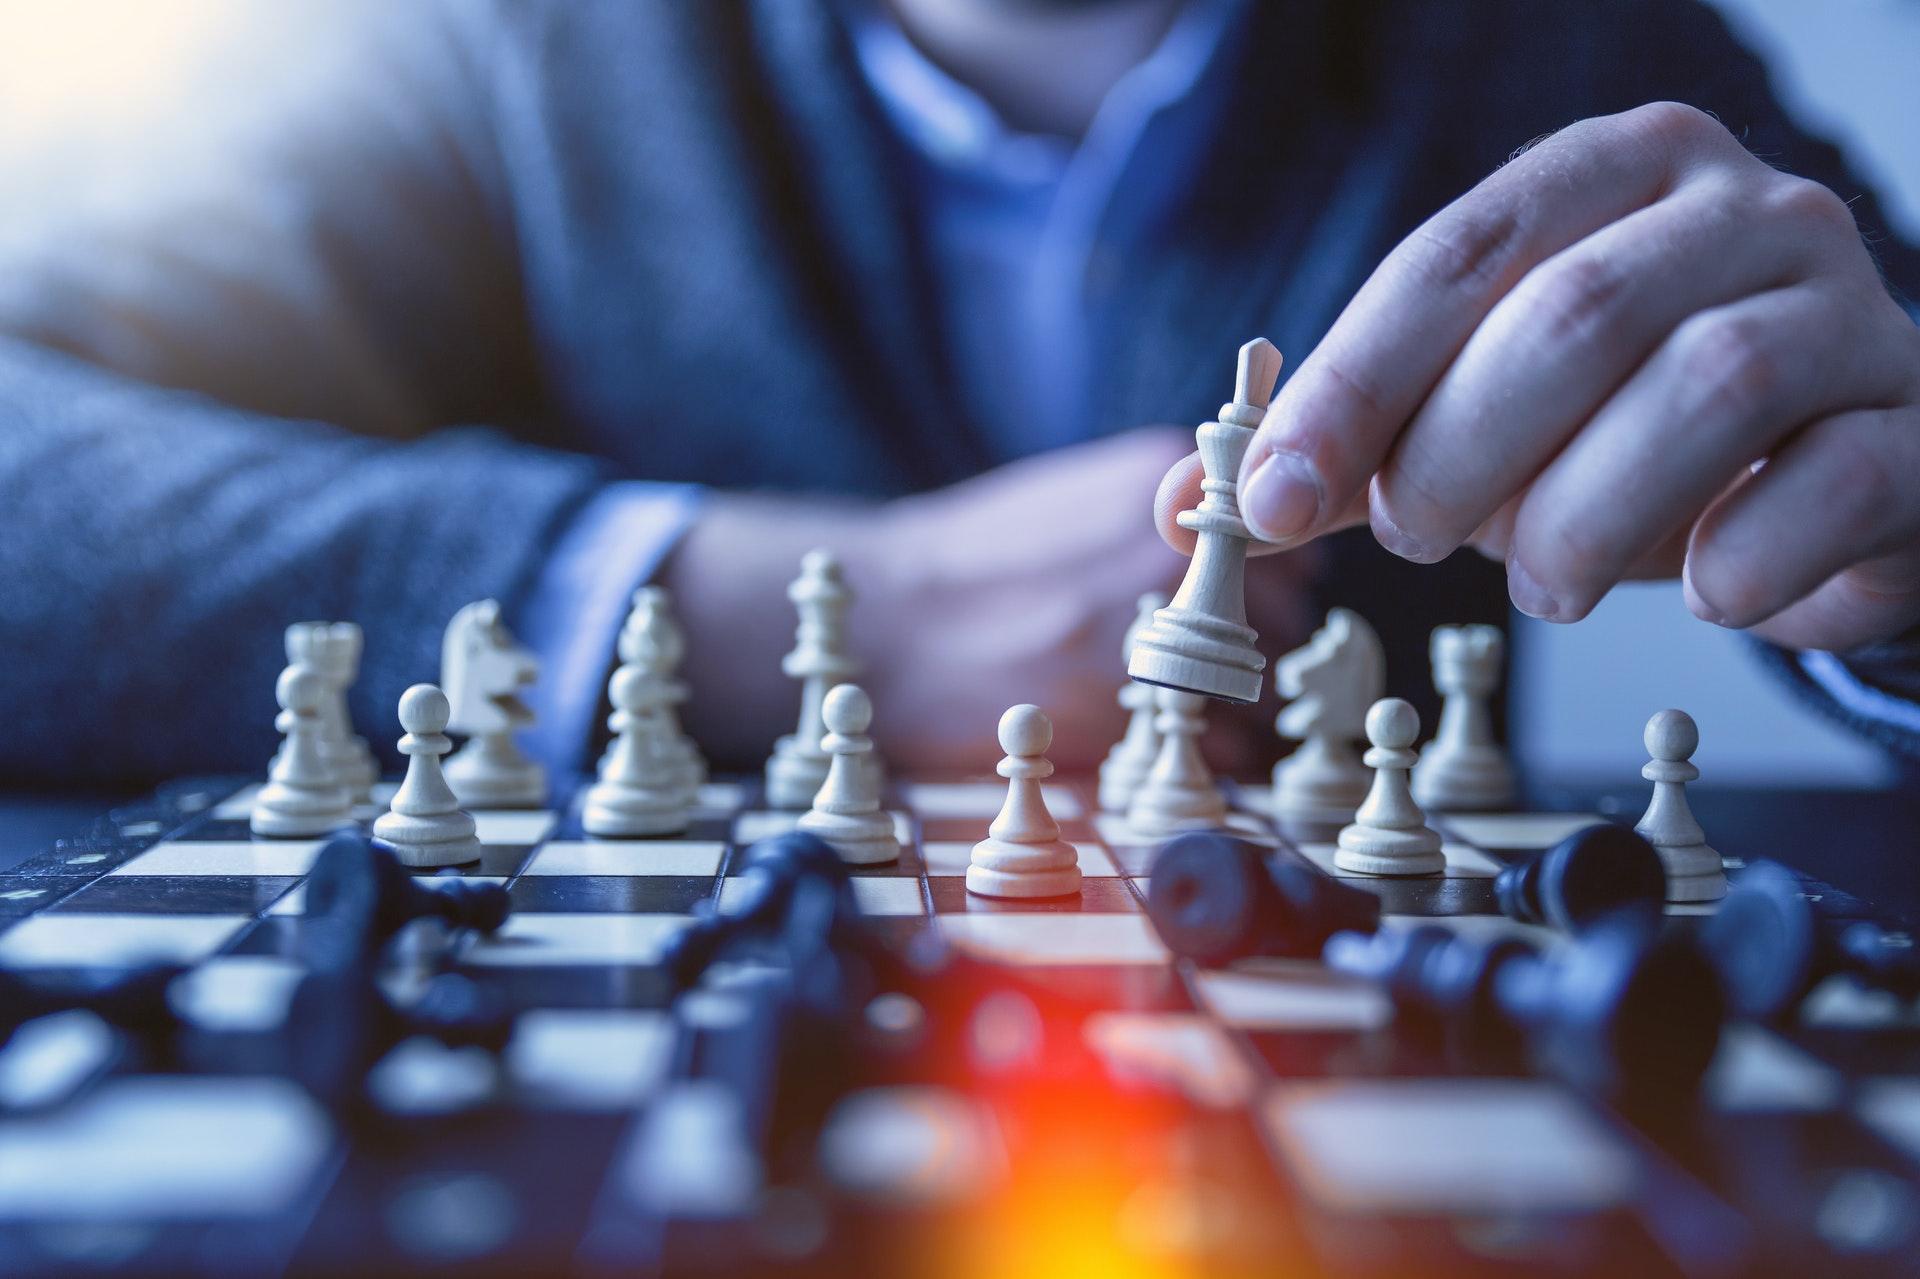 Le coaching vous guide dans l'échiquier des relations